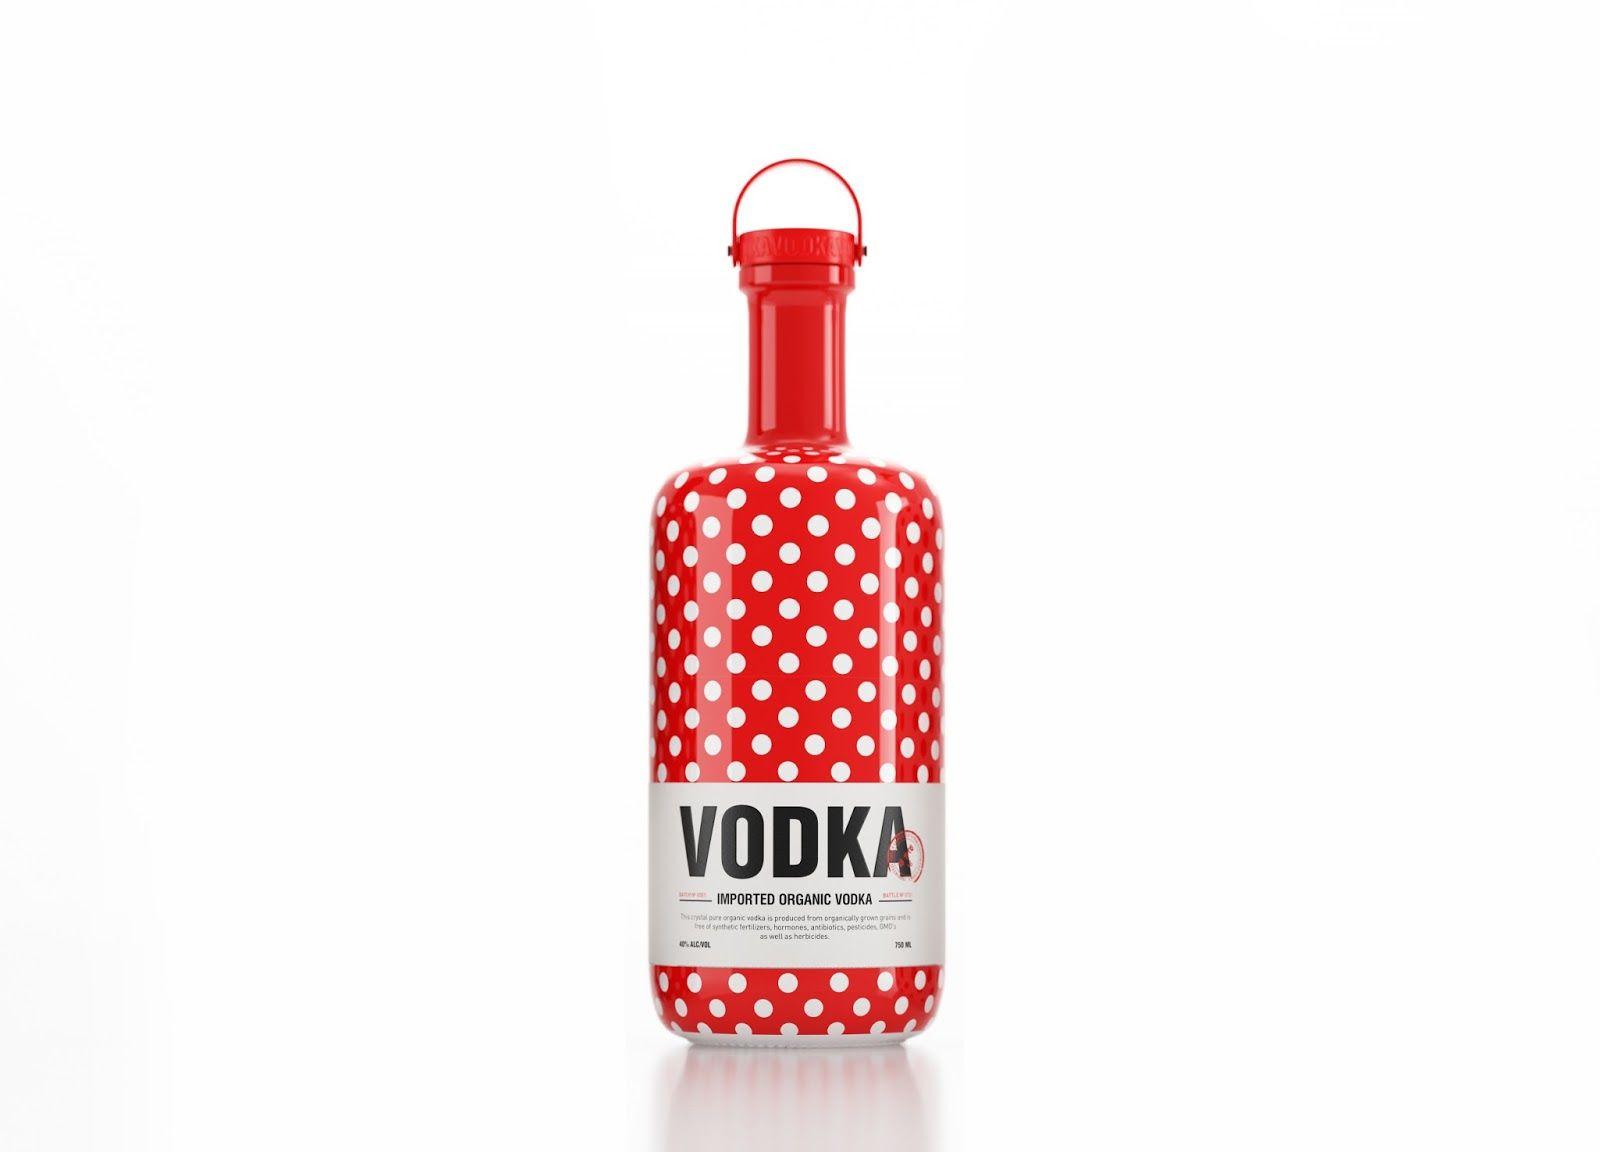 Vodka Dot Concept Vodka Packaging Vodka Alcohol Packaging Design